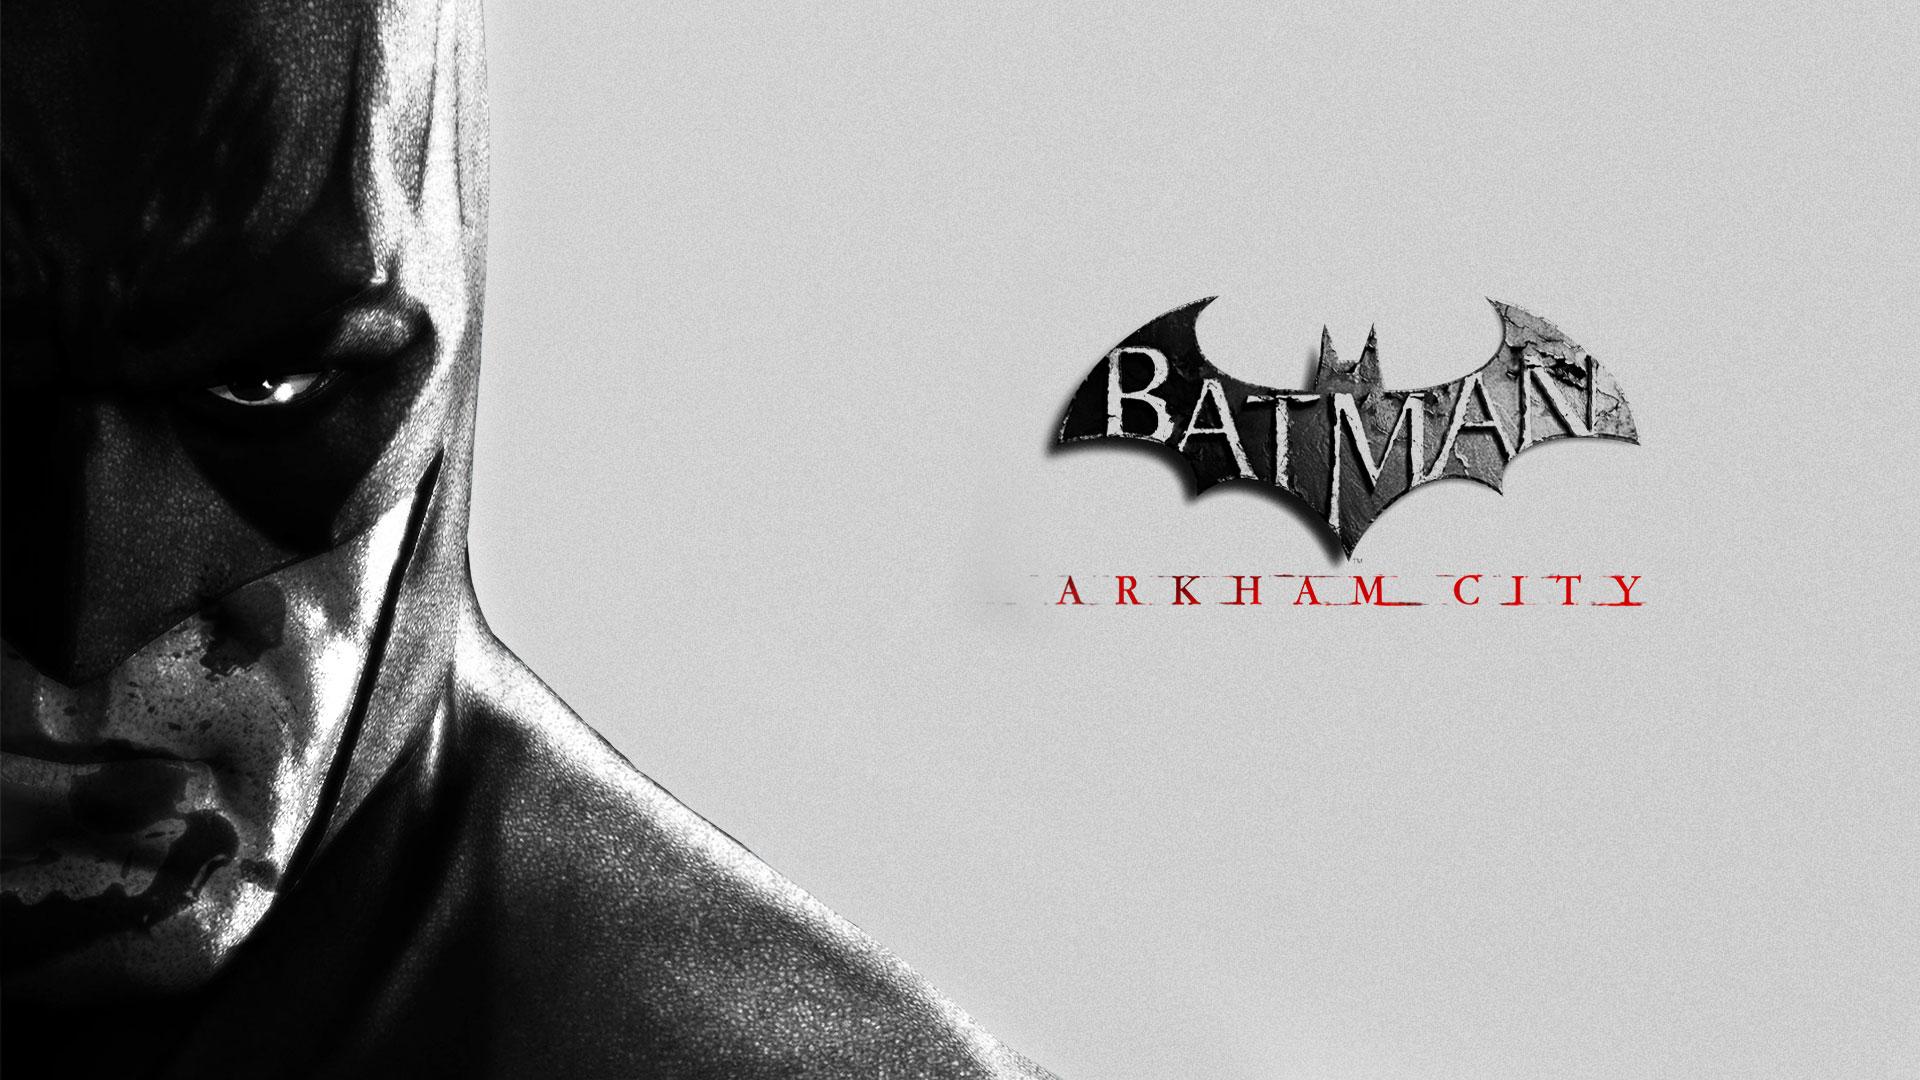 Batman Arkham City Wallpaper Hd wallpaper   390257 1920x1080